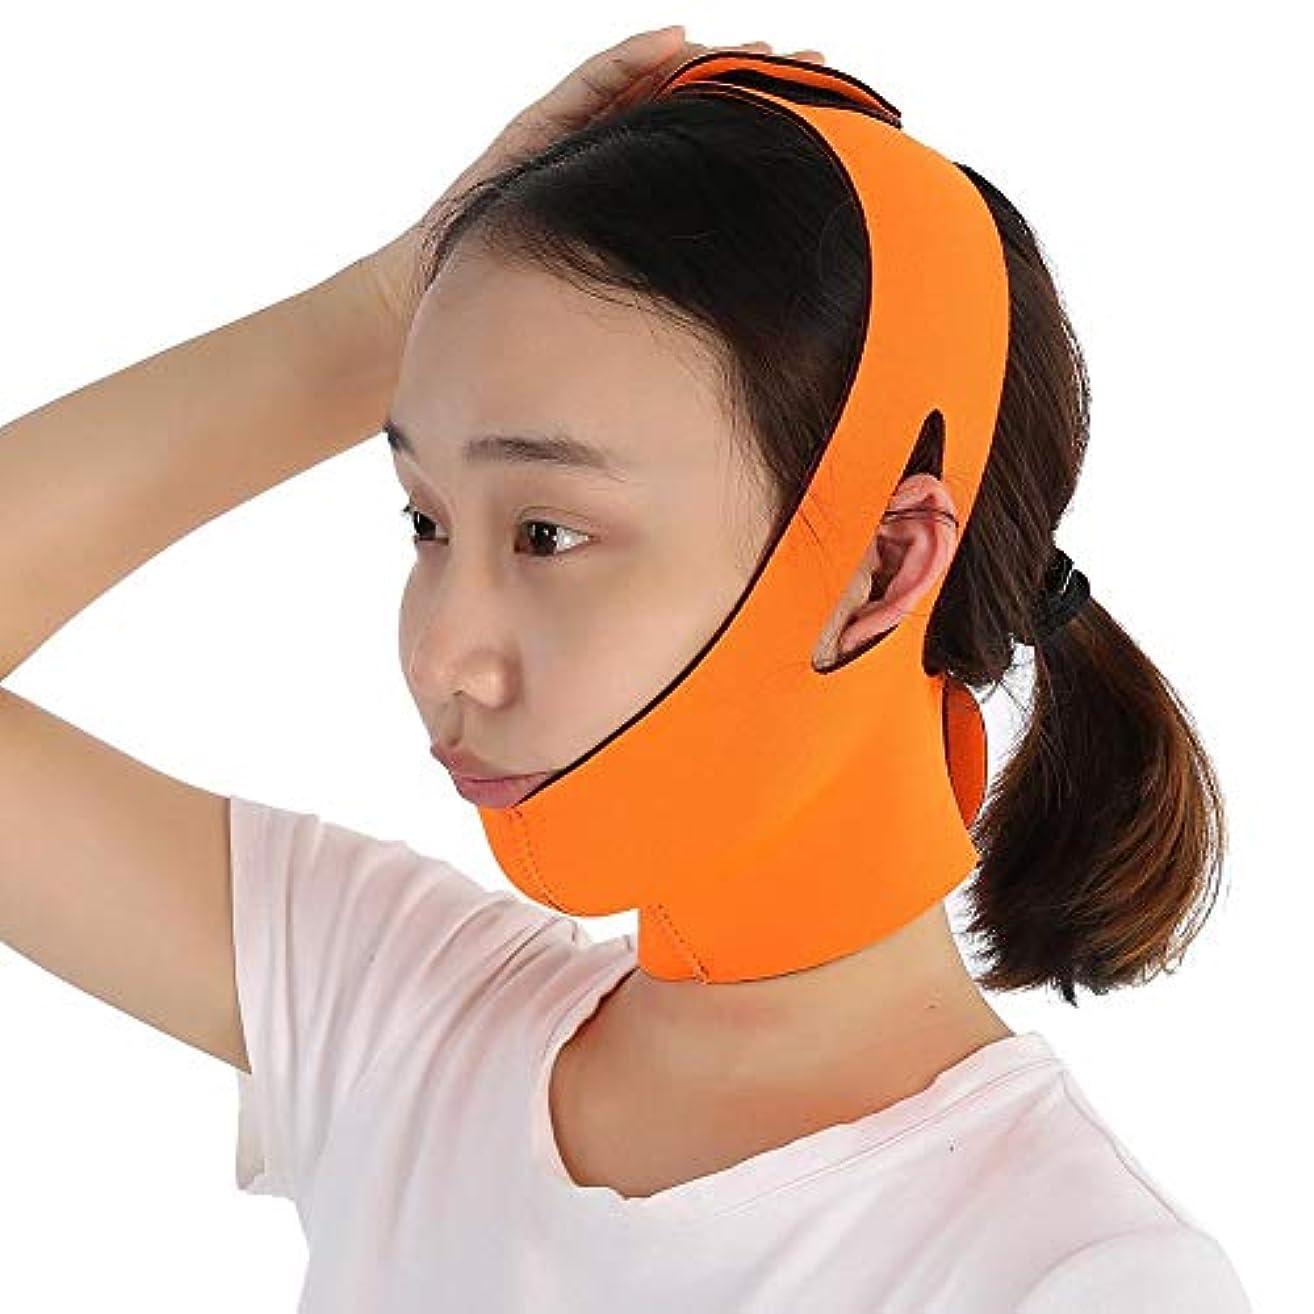 ベルベット滑りやすいキャンペーン顔痩身包帯ベルトマスクフェイスリフトダブルチンスキンストラップ女性抗痩身ベルトフェイシャル薄いメッセンジャーフェイスリフトツール,Orange